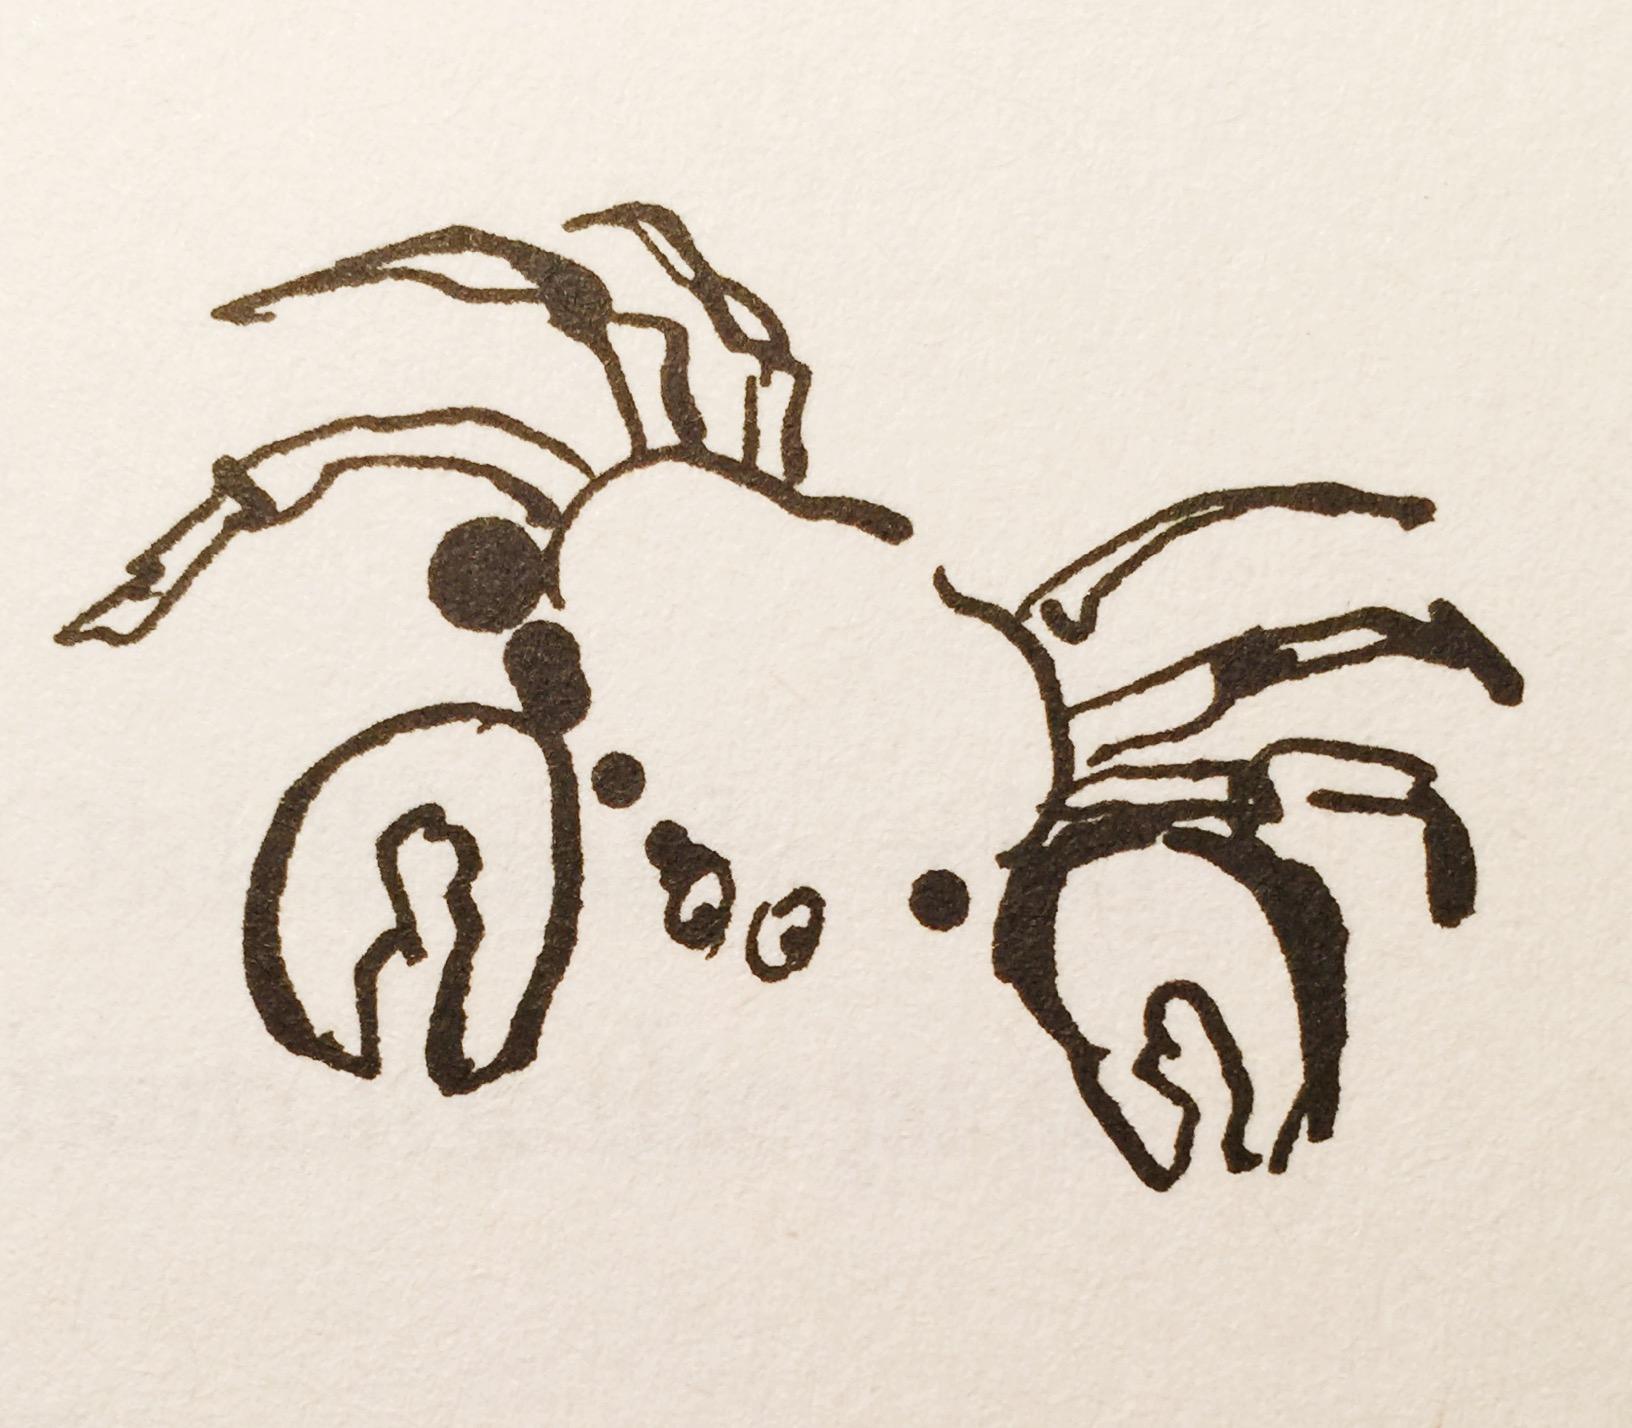 Crab (Books)